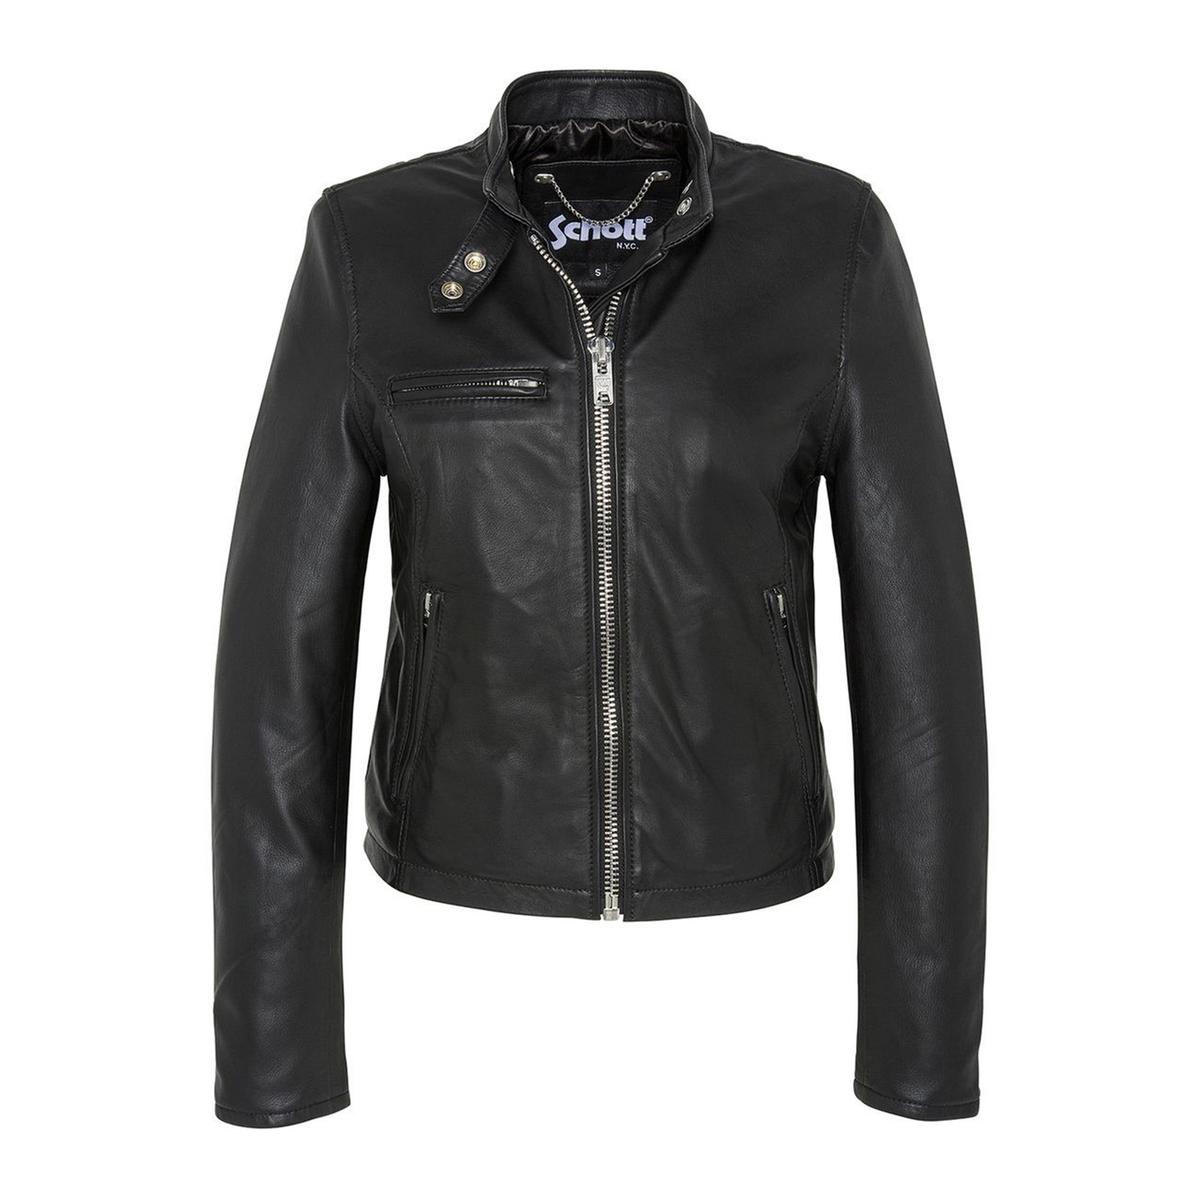 Блузон в байкерском стиле из кожи ягненка LCW9641A пальто в байкерском стиле oasis пальто в байкерском стиле